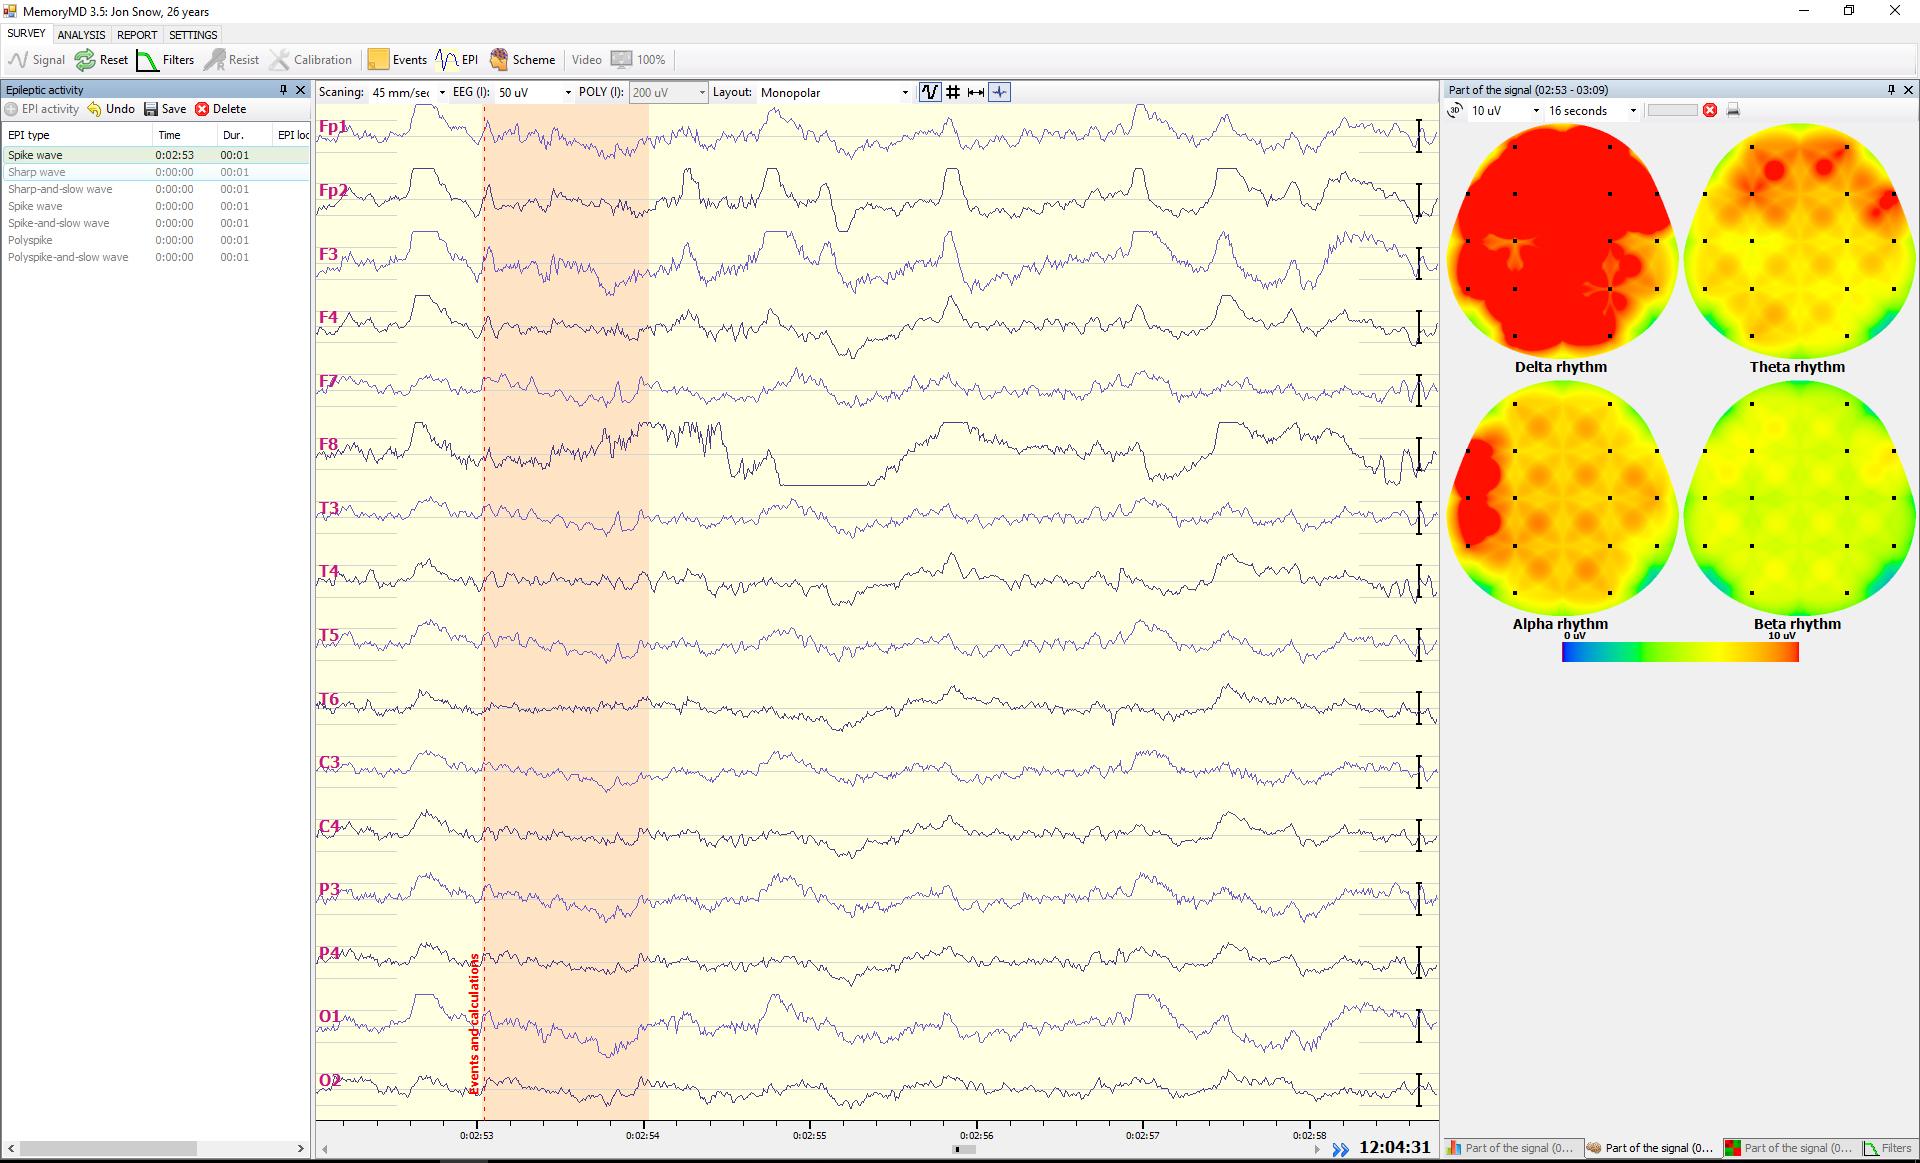 EEG signal and Heatmap